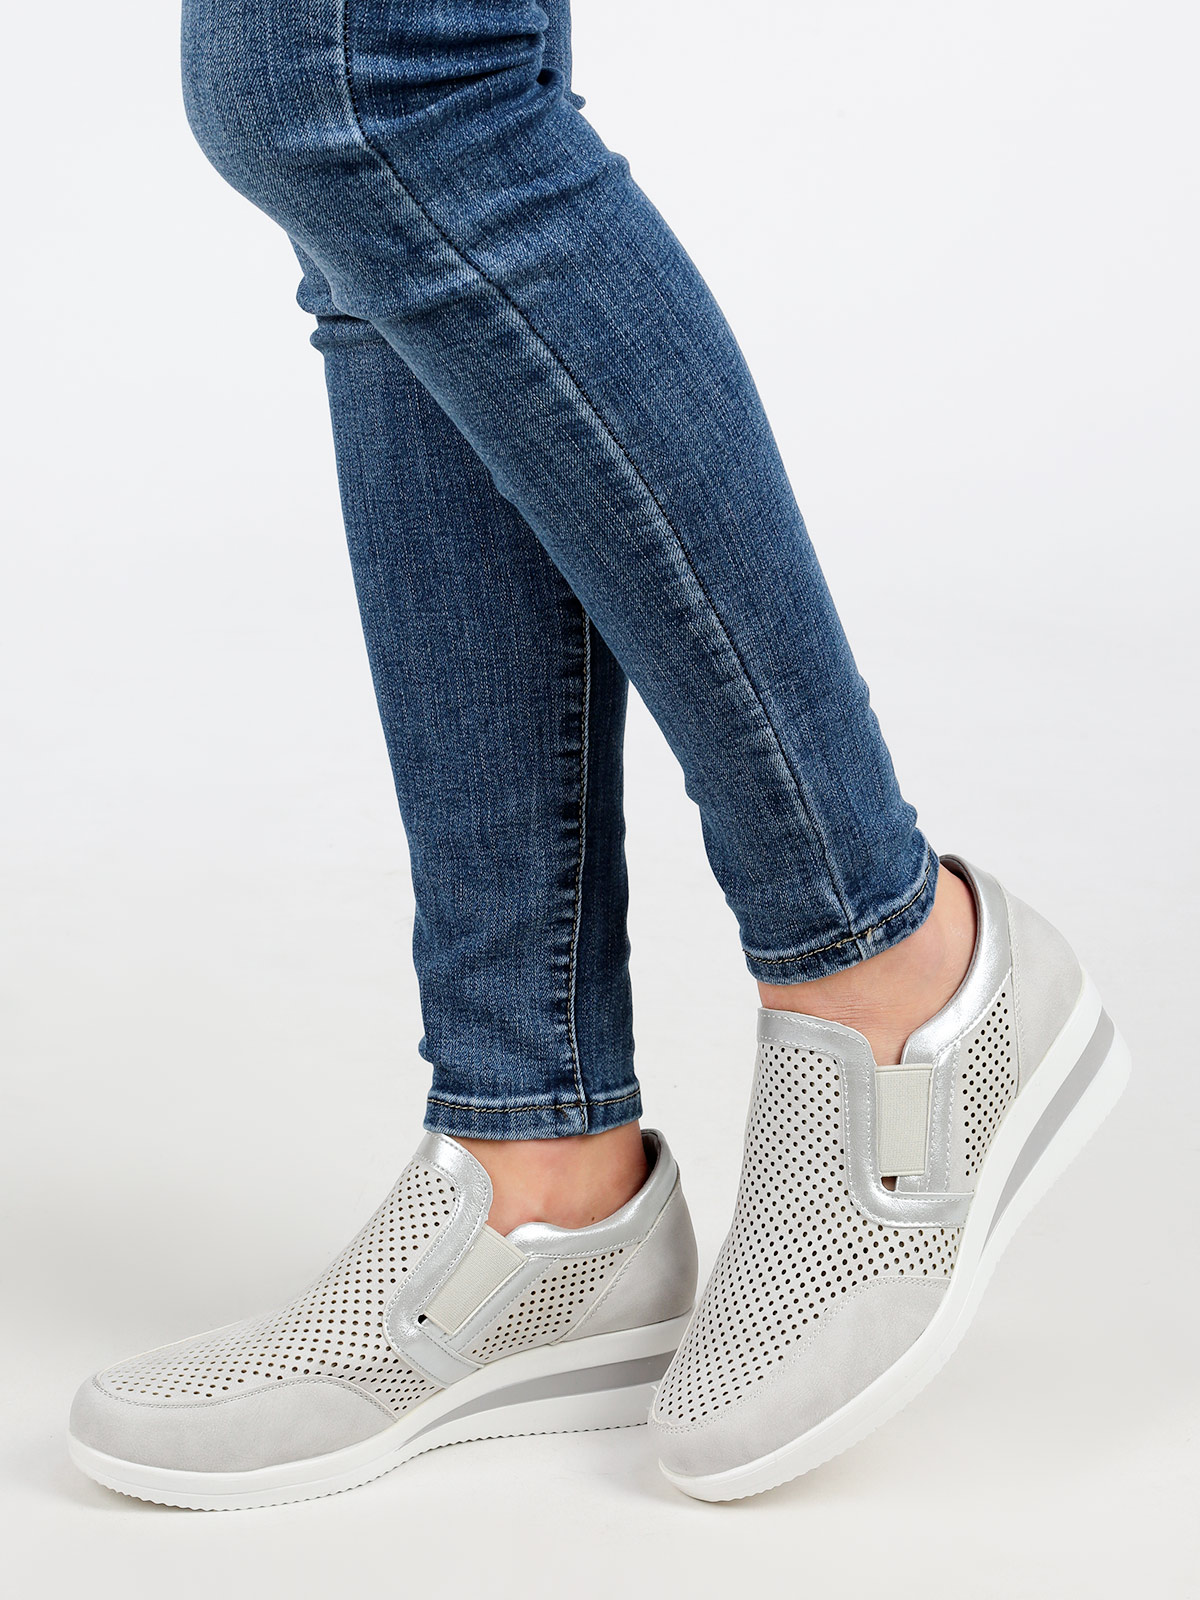 Sneakers Slip On Wedge